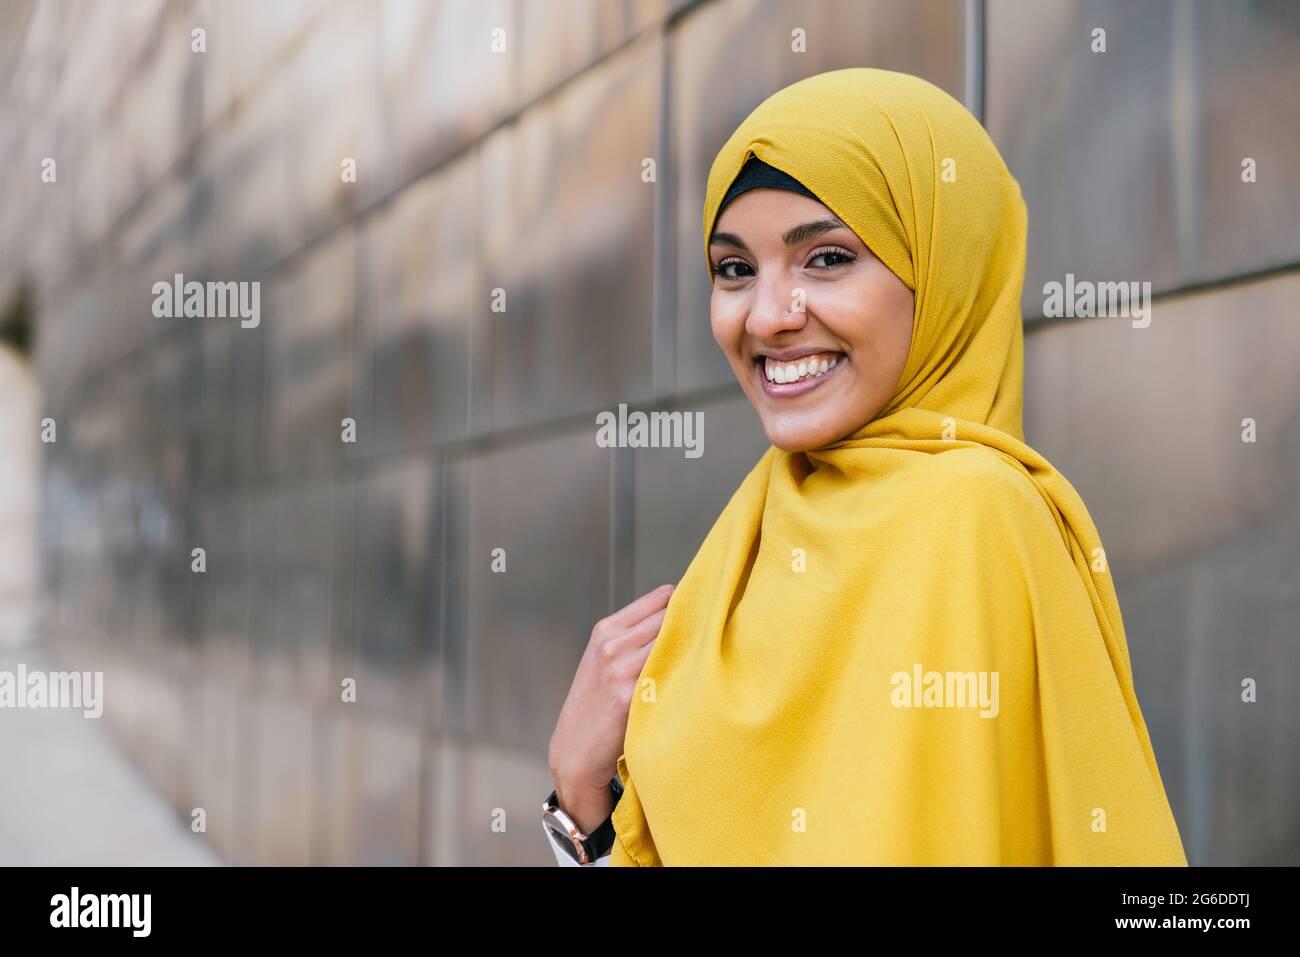 Questo emoji può aver contribuito a sfatare alcuni dei pregiudizi sull'islam? Yellow Hijab High Resolution Stock Photography And Images Alamy